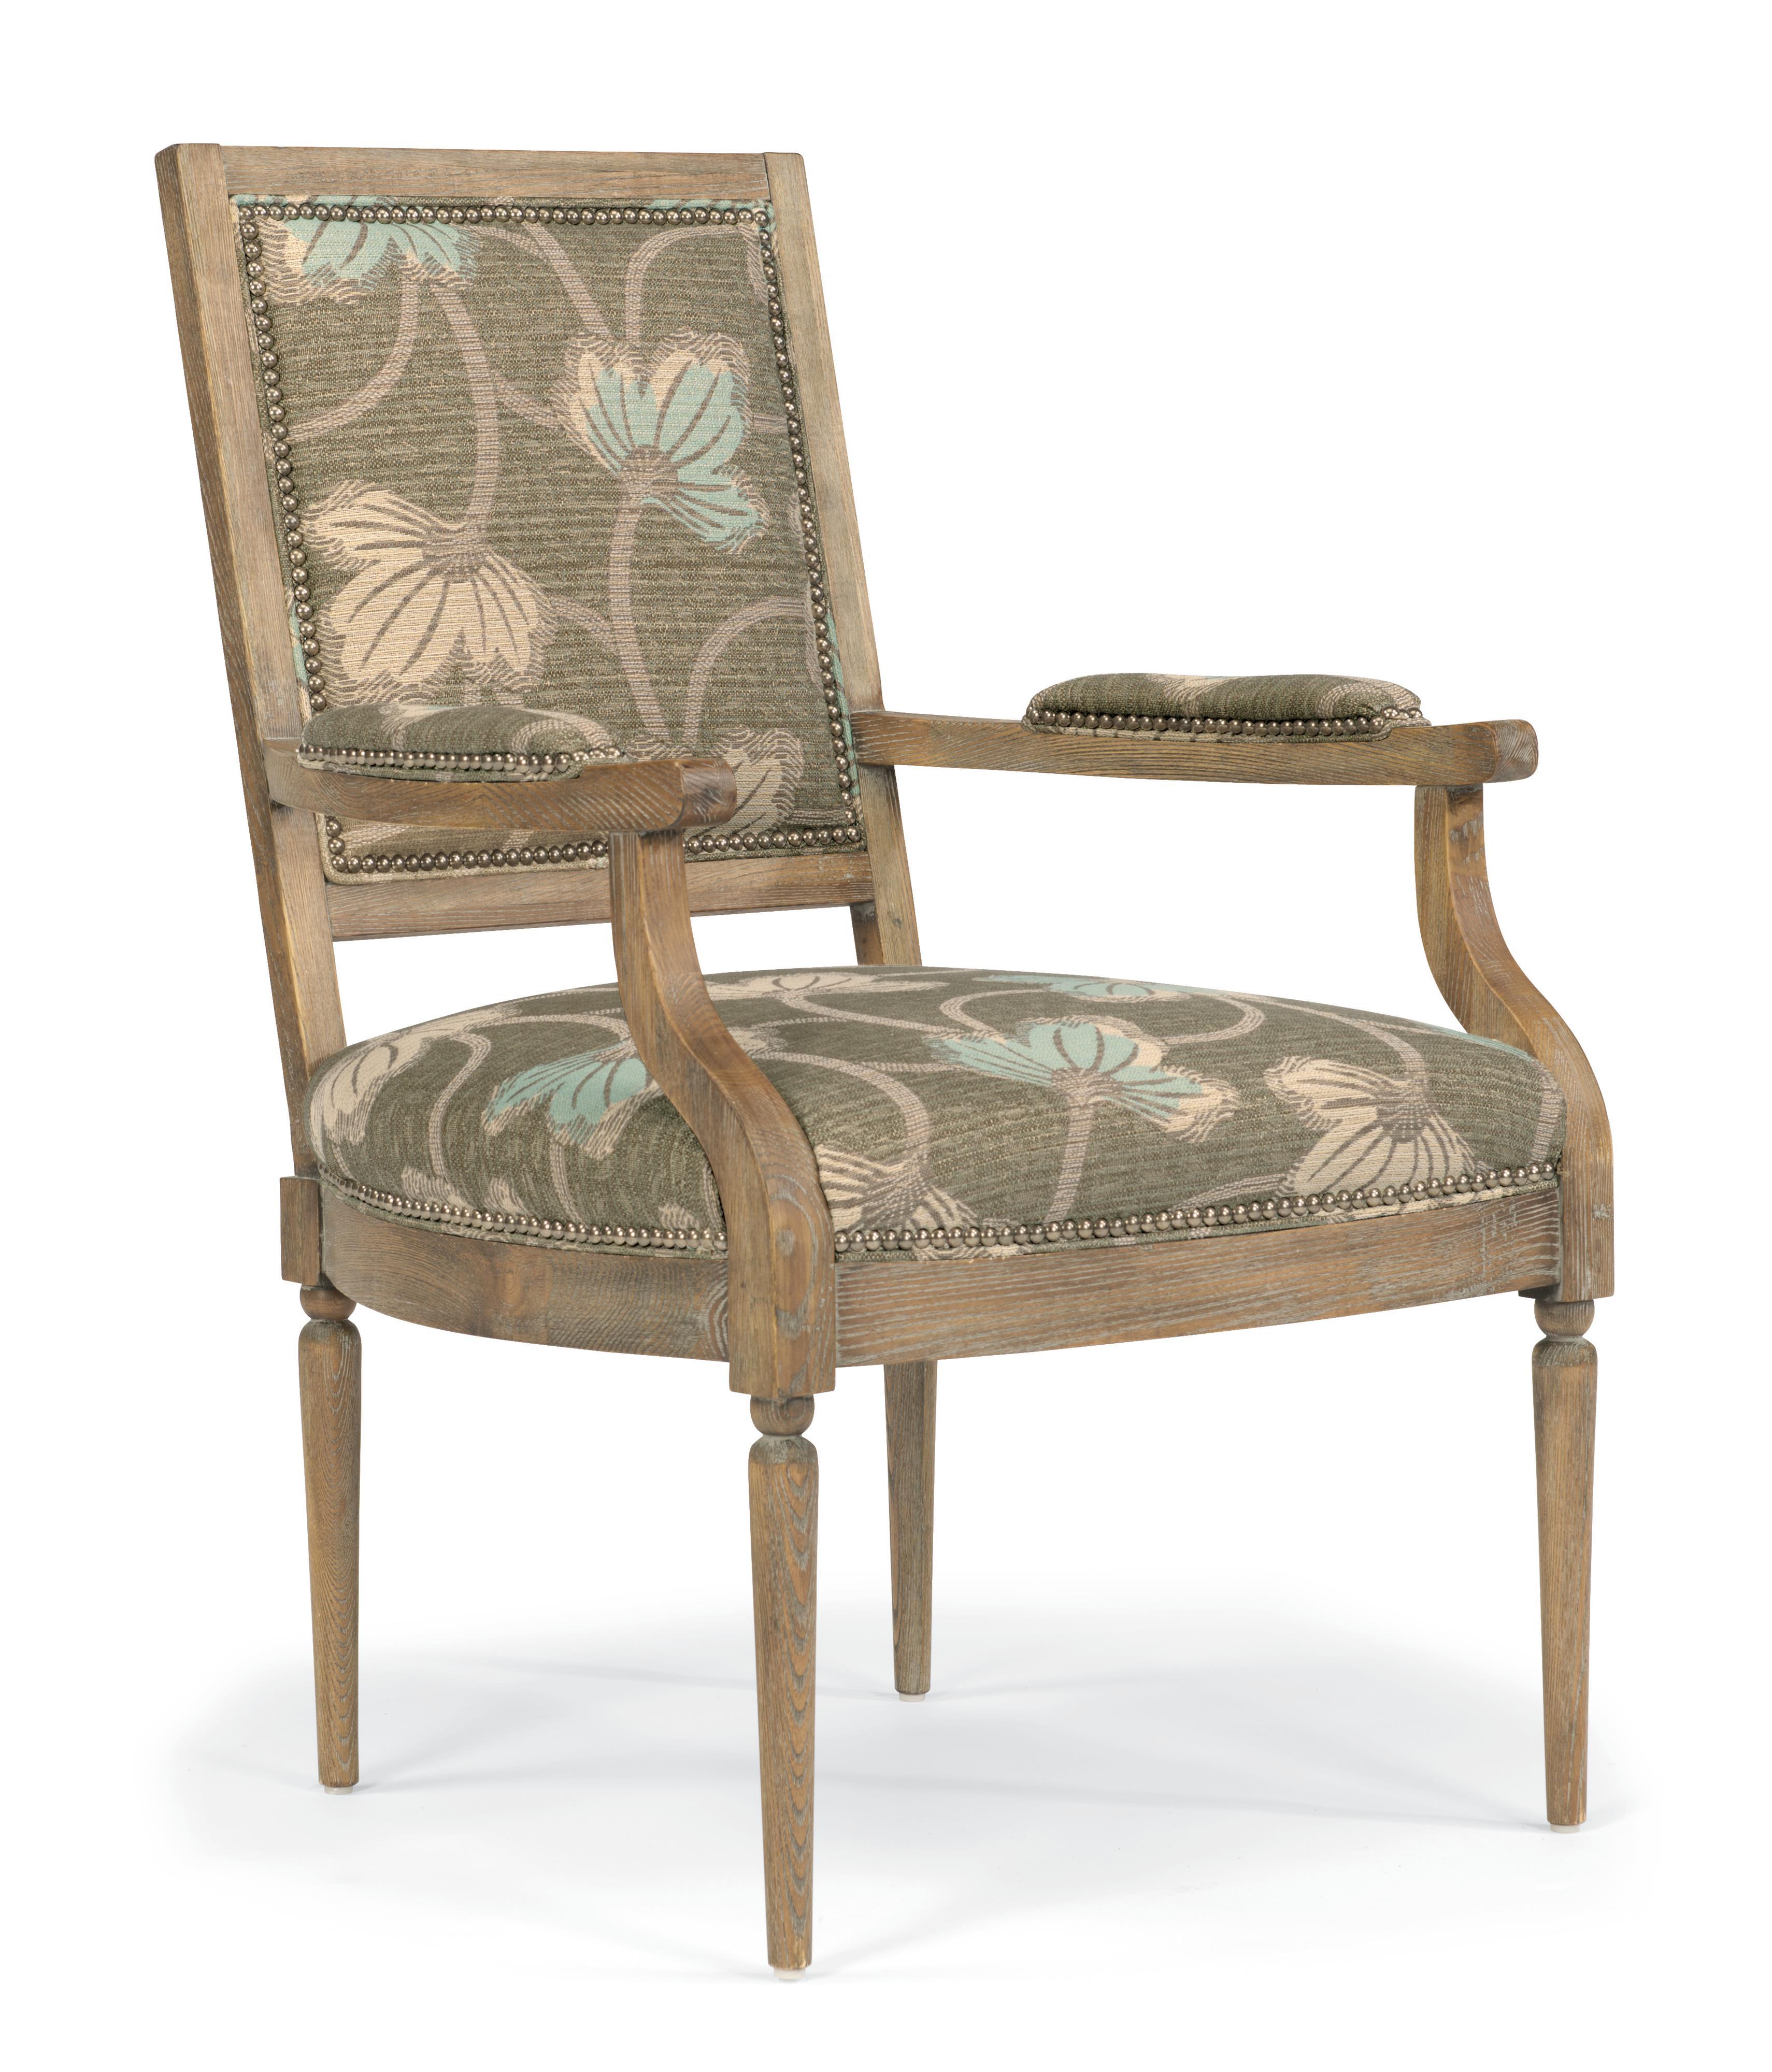 Flexsteel Accents Dorean Chair - Item Number: 0102-10-921-30